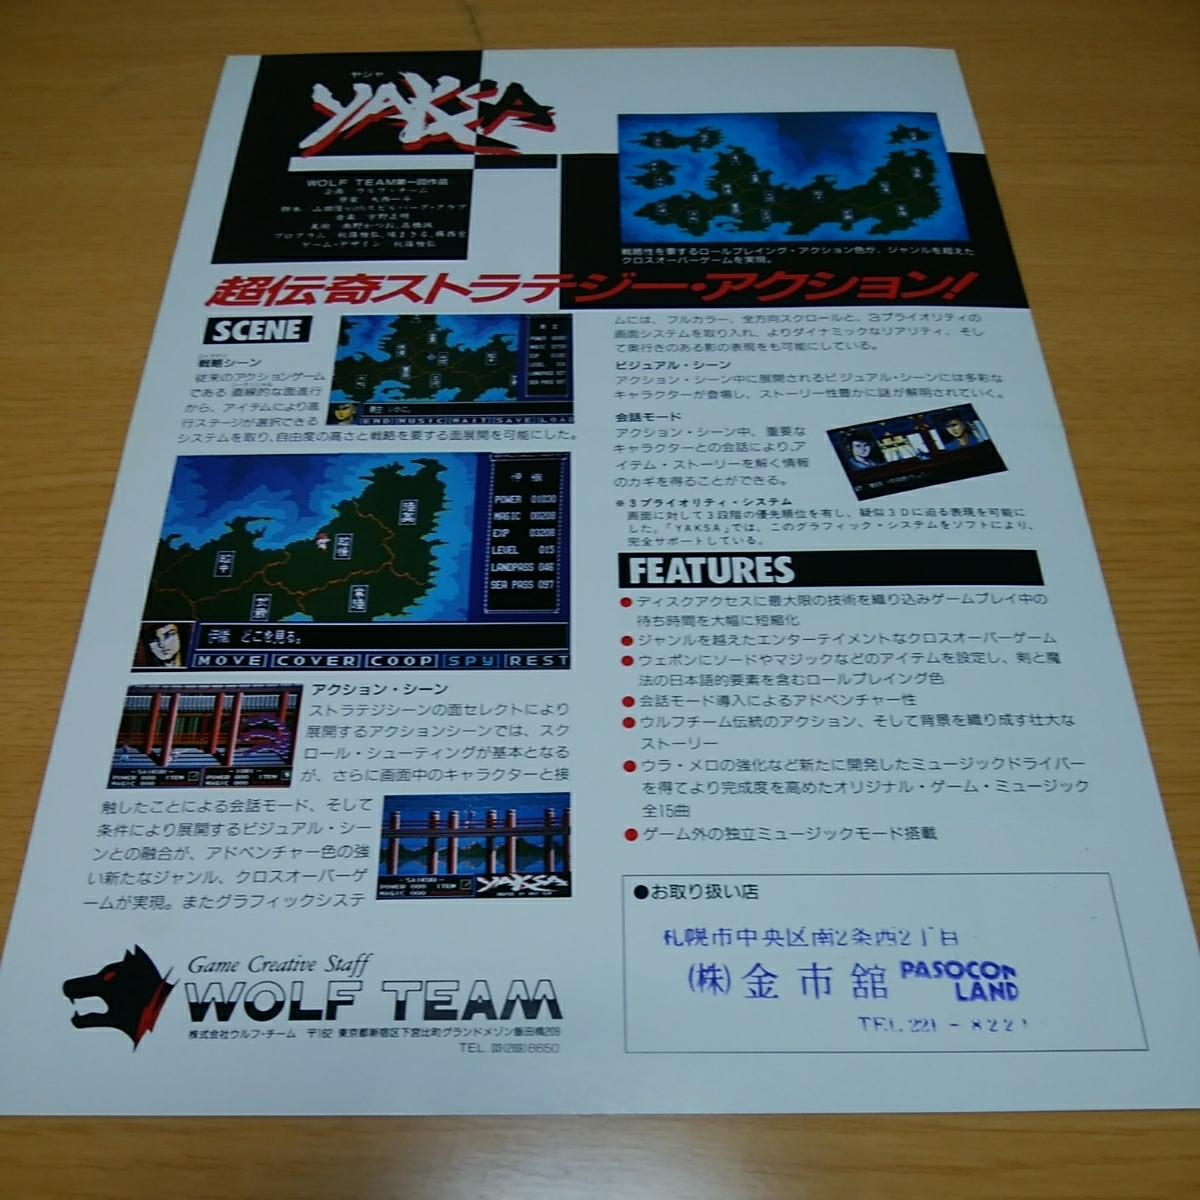 ヤシャ PC-8801 YAKSA チラシ 販促 美品 レア ゲーム ウルフチーム_画像2